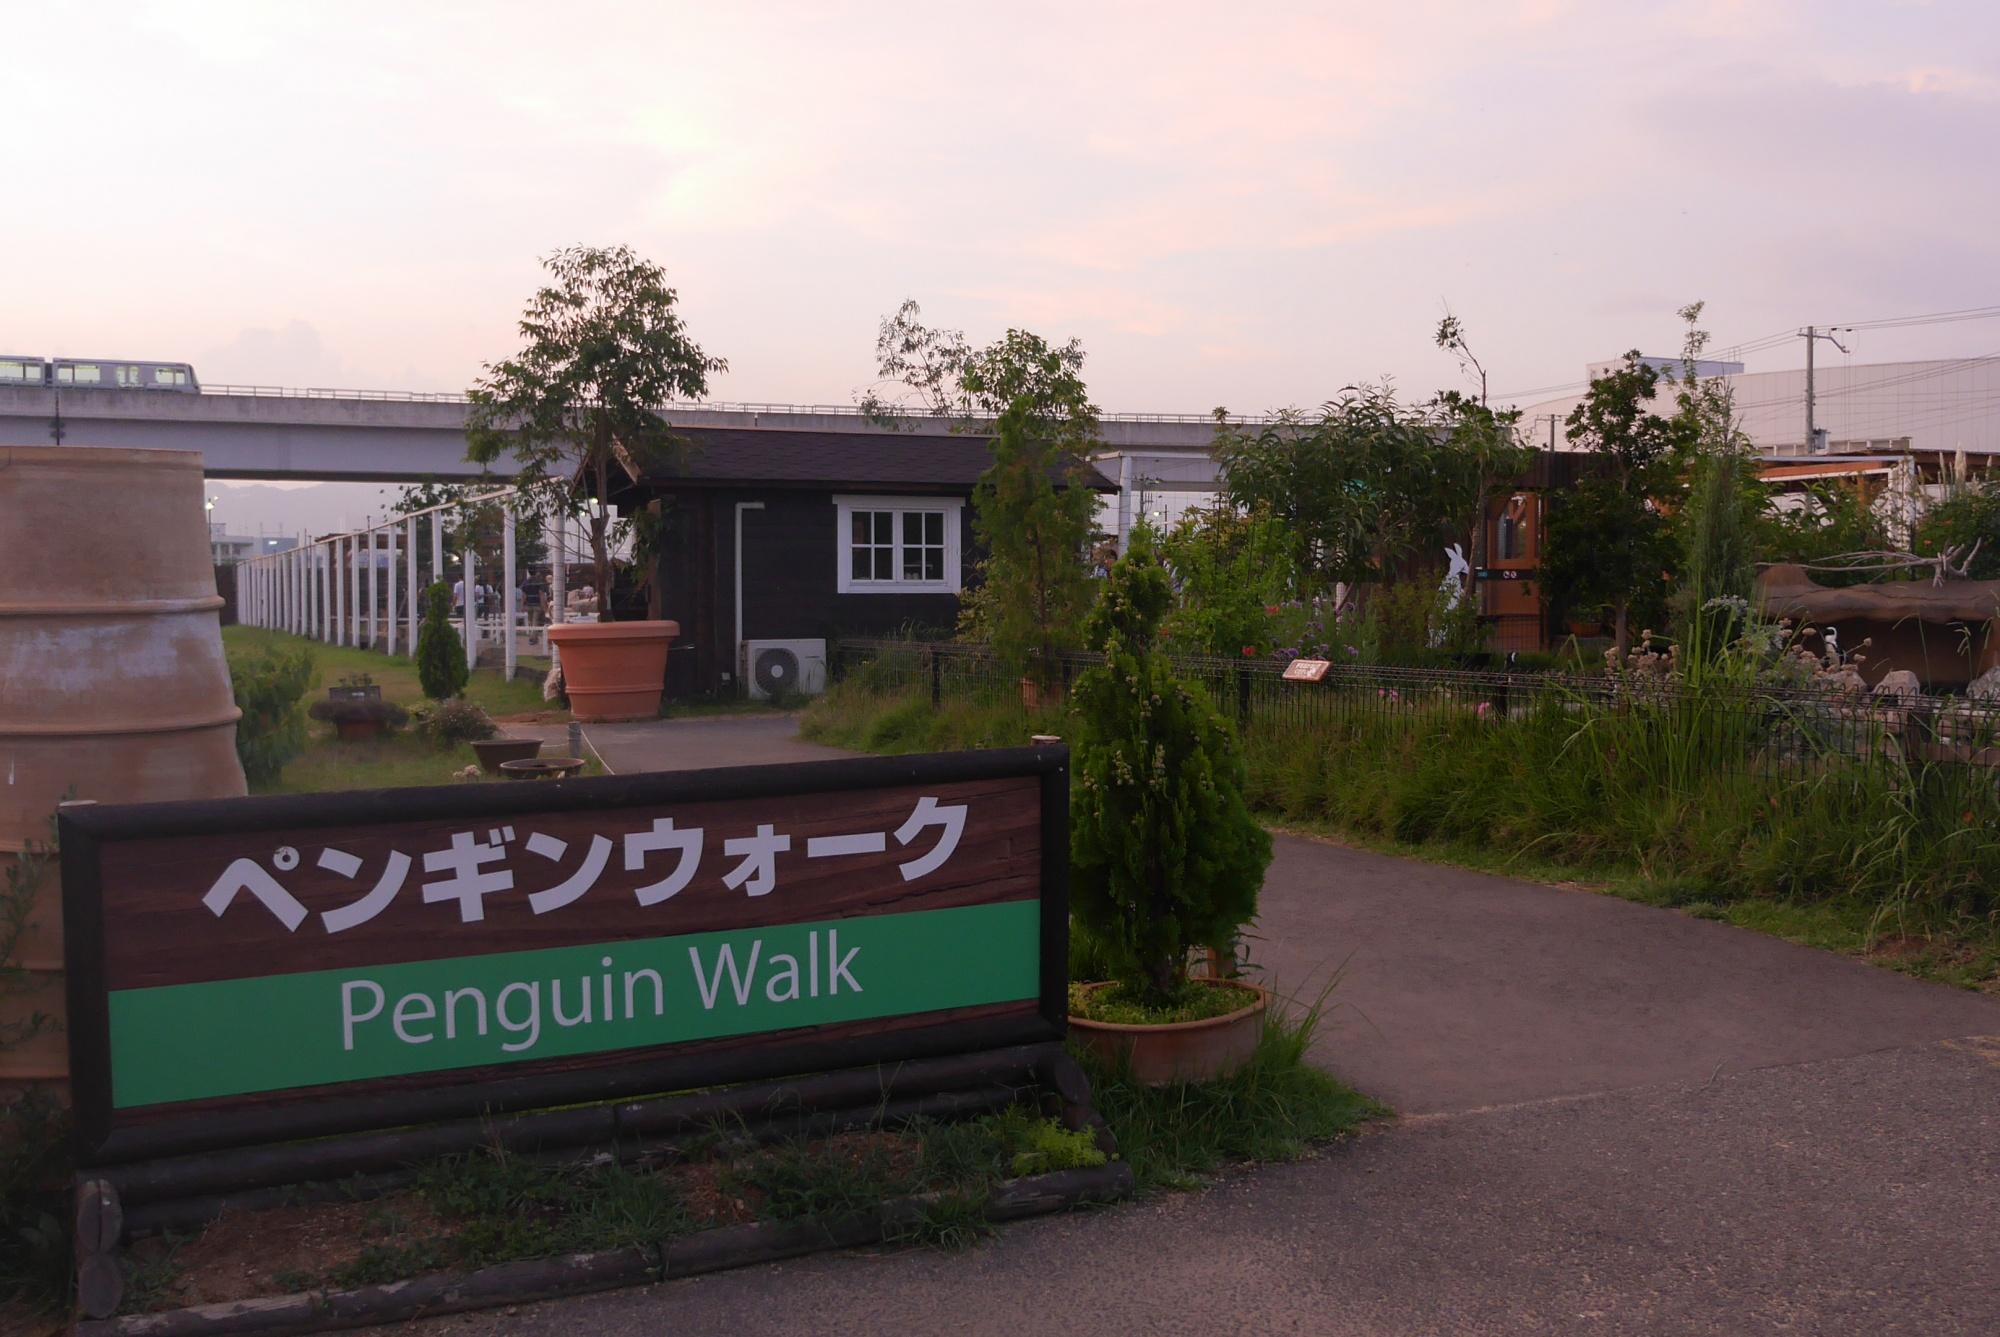 ペンギンウォーク(Penguin walk)